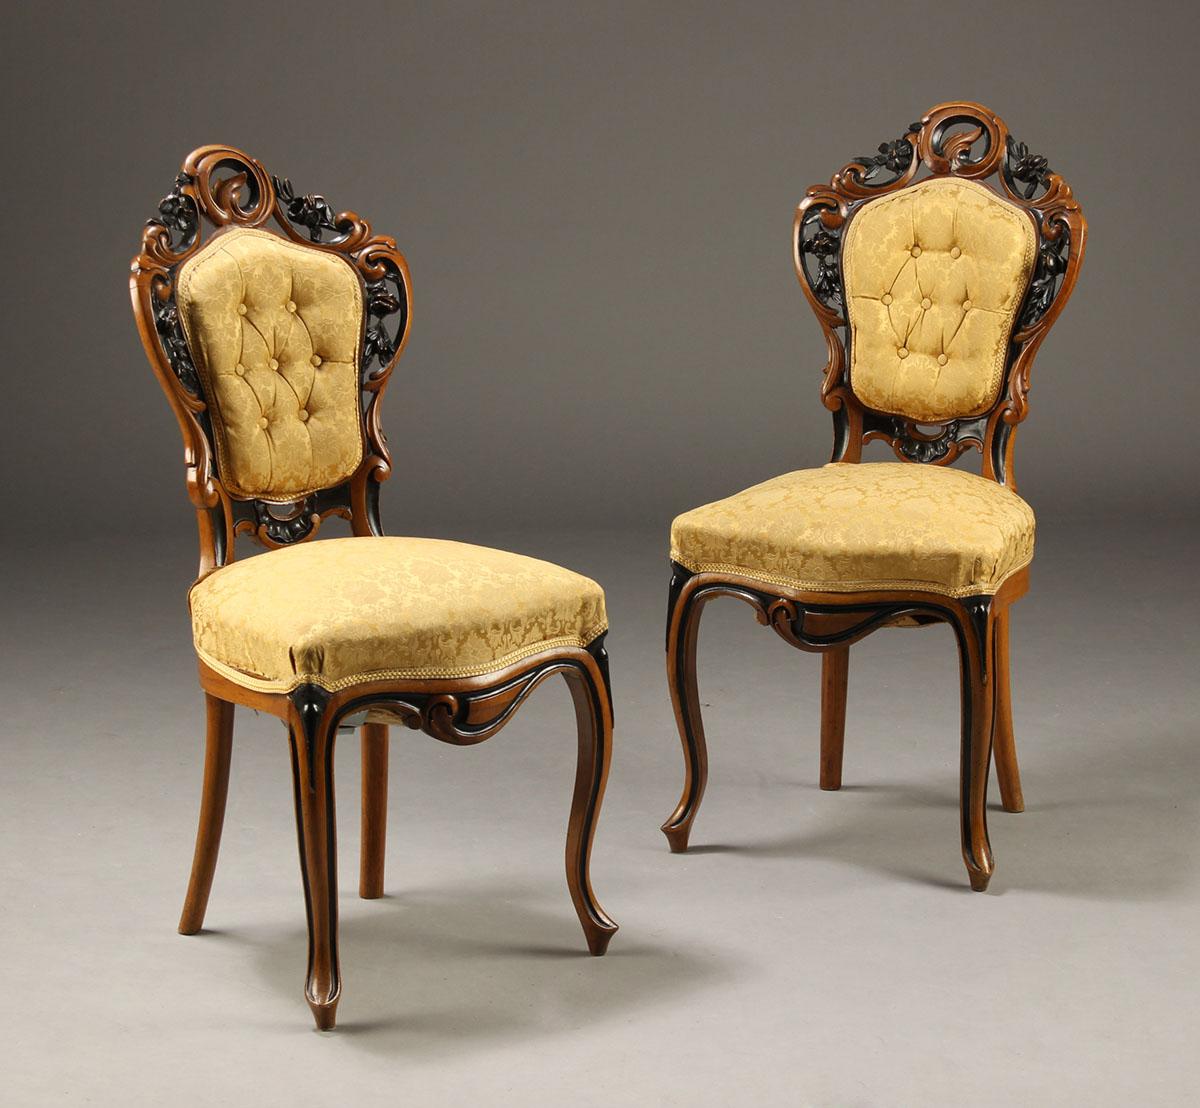 Par nyrokoko salonstole - Par nyrokoko salonstole af sortstafferet nøddetræ. 1800-tallet. Fremstår med slitage, løse kedere, reparationer mm